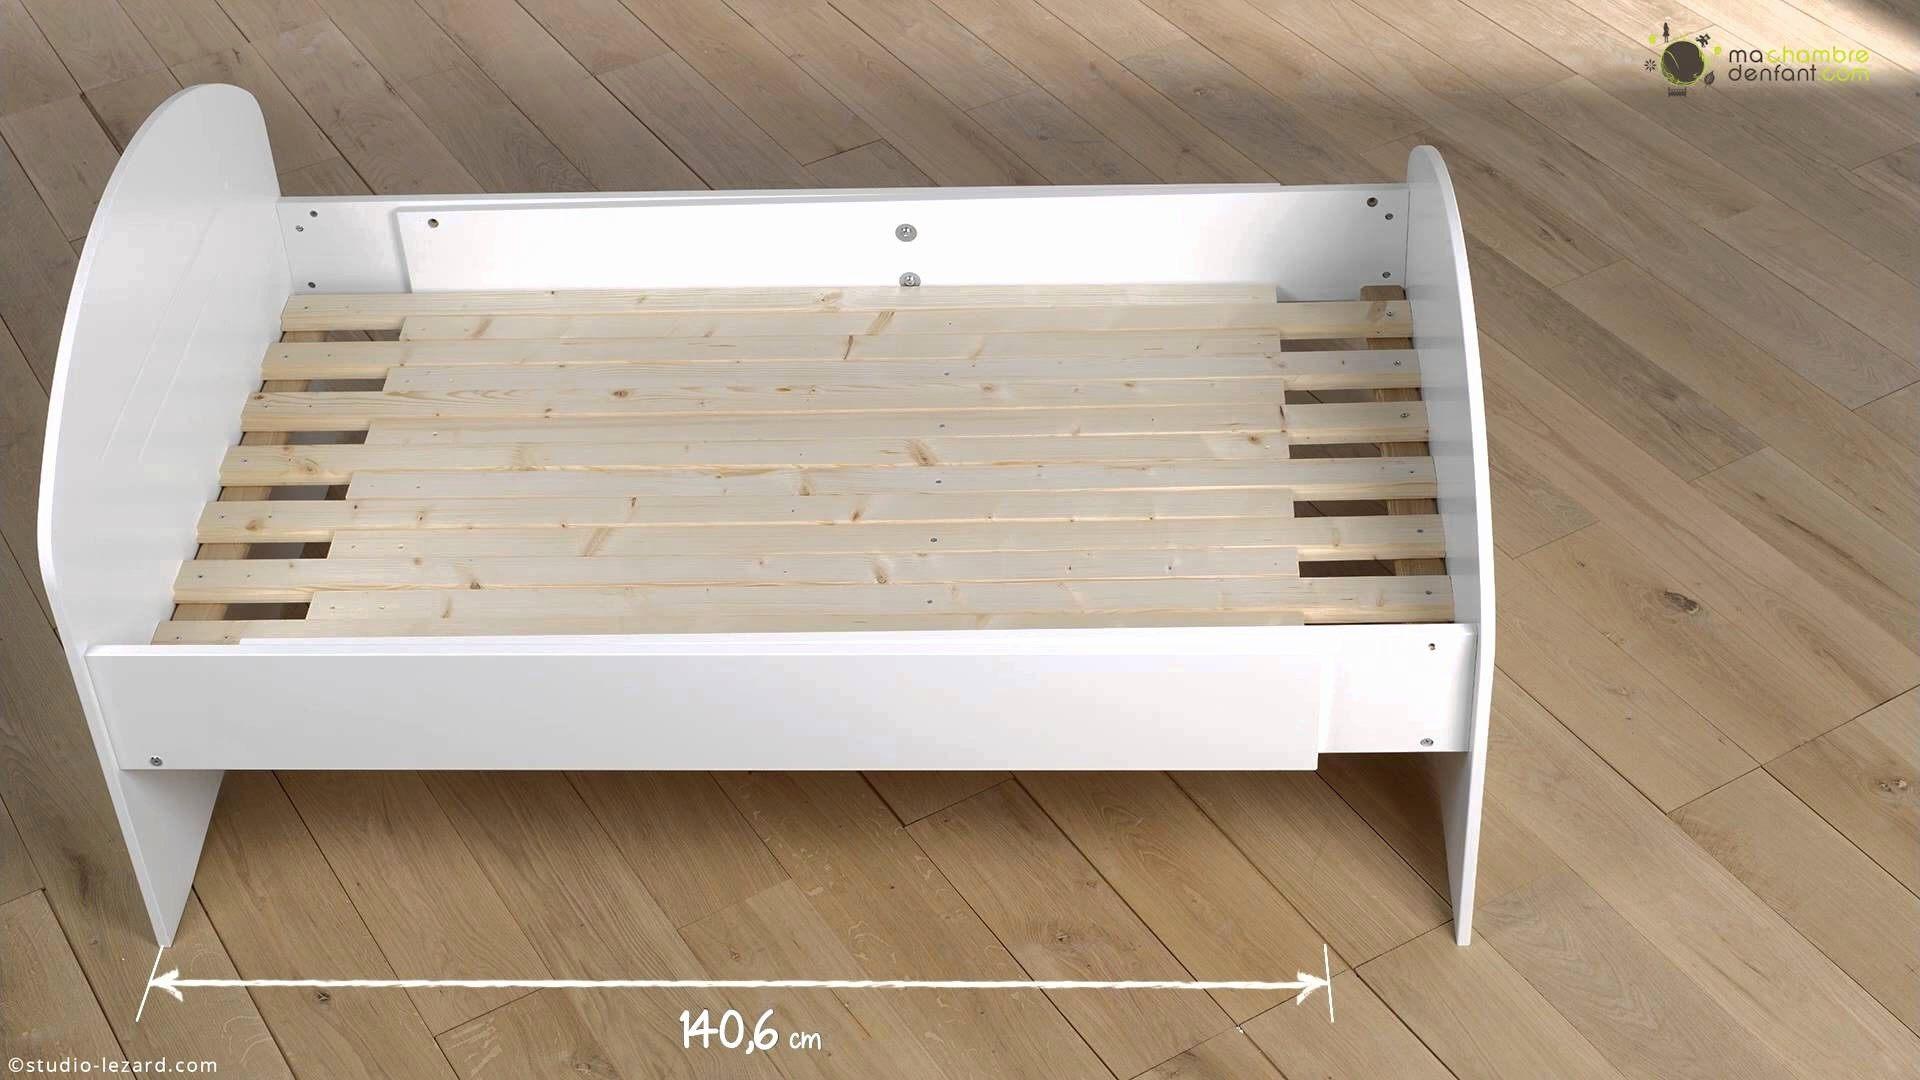 Lit Bébé Pliant Bois Joli Chaise Haute Pour Bébé Baignoire Haute Bébé Luxe Parc B C3 A9b C3 A9